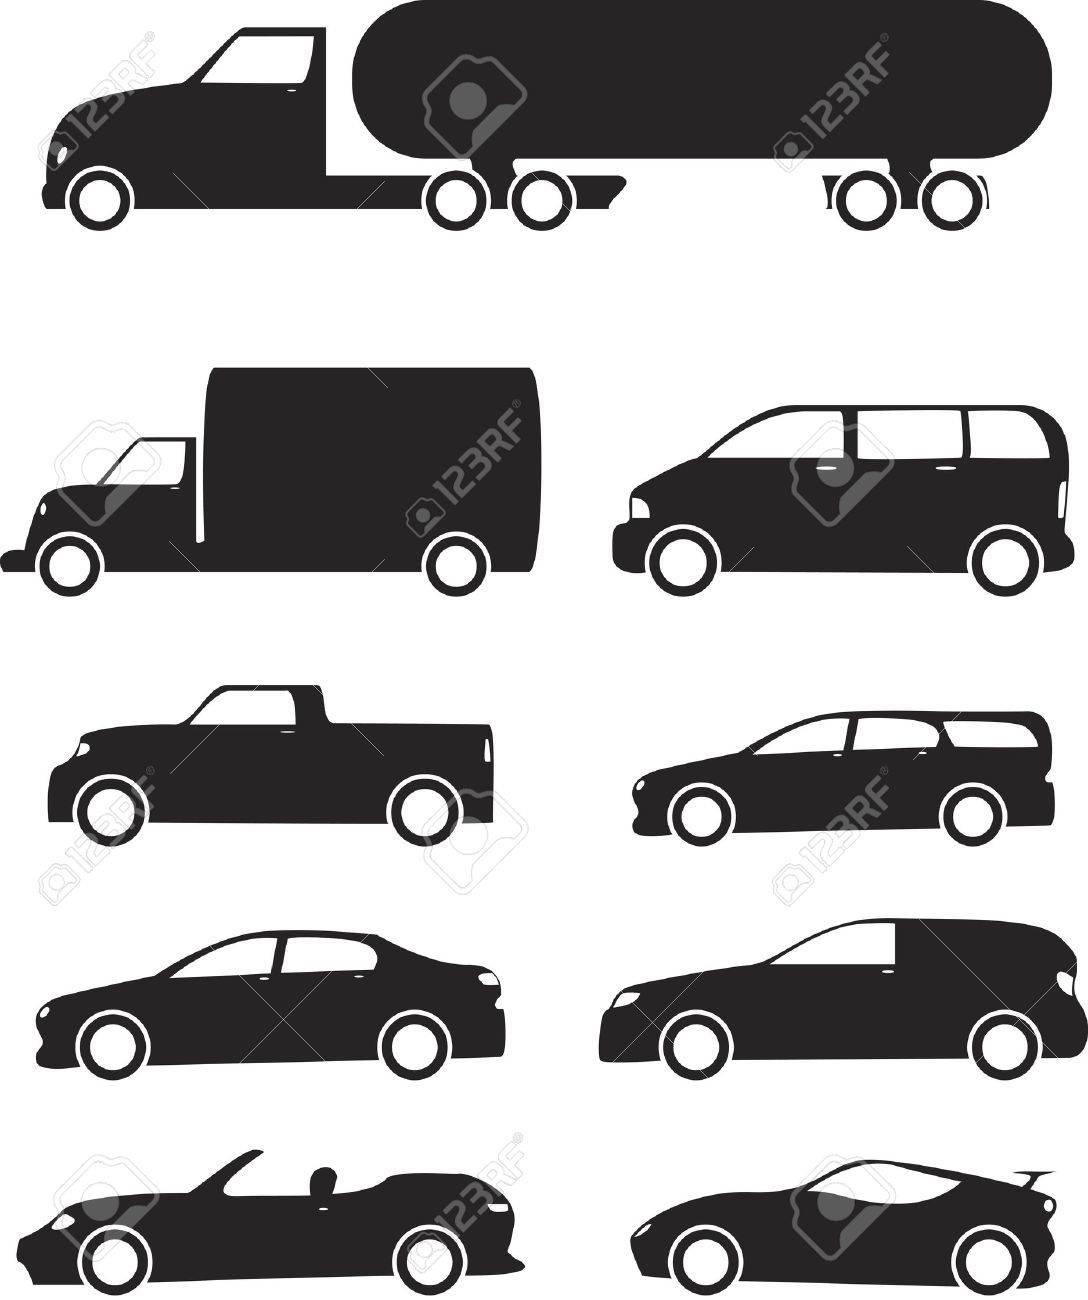 Isolated black Vehicles icons set on white background - 14891506